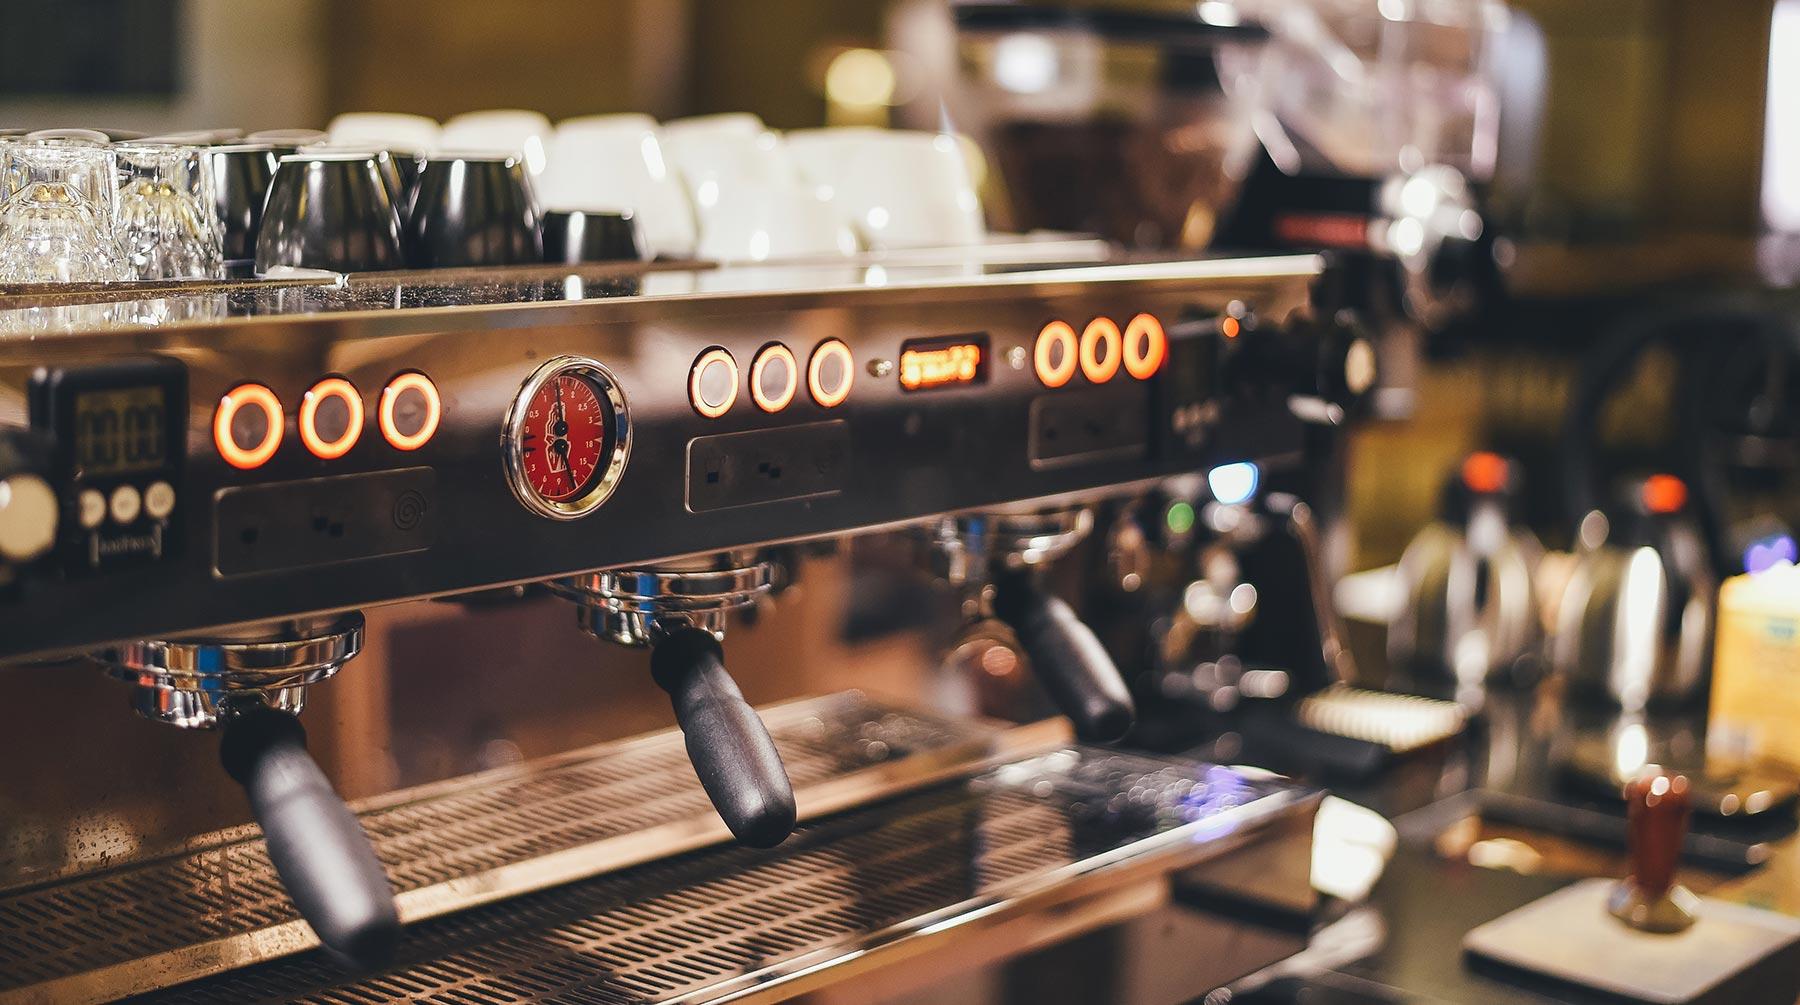 Professionelle Siebträger Kaffeemaschine